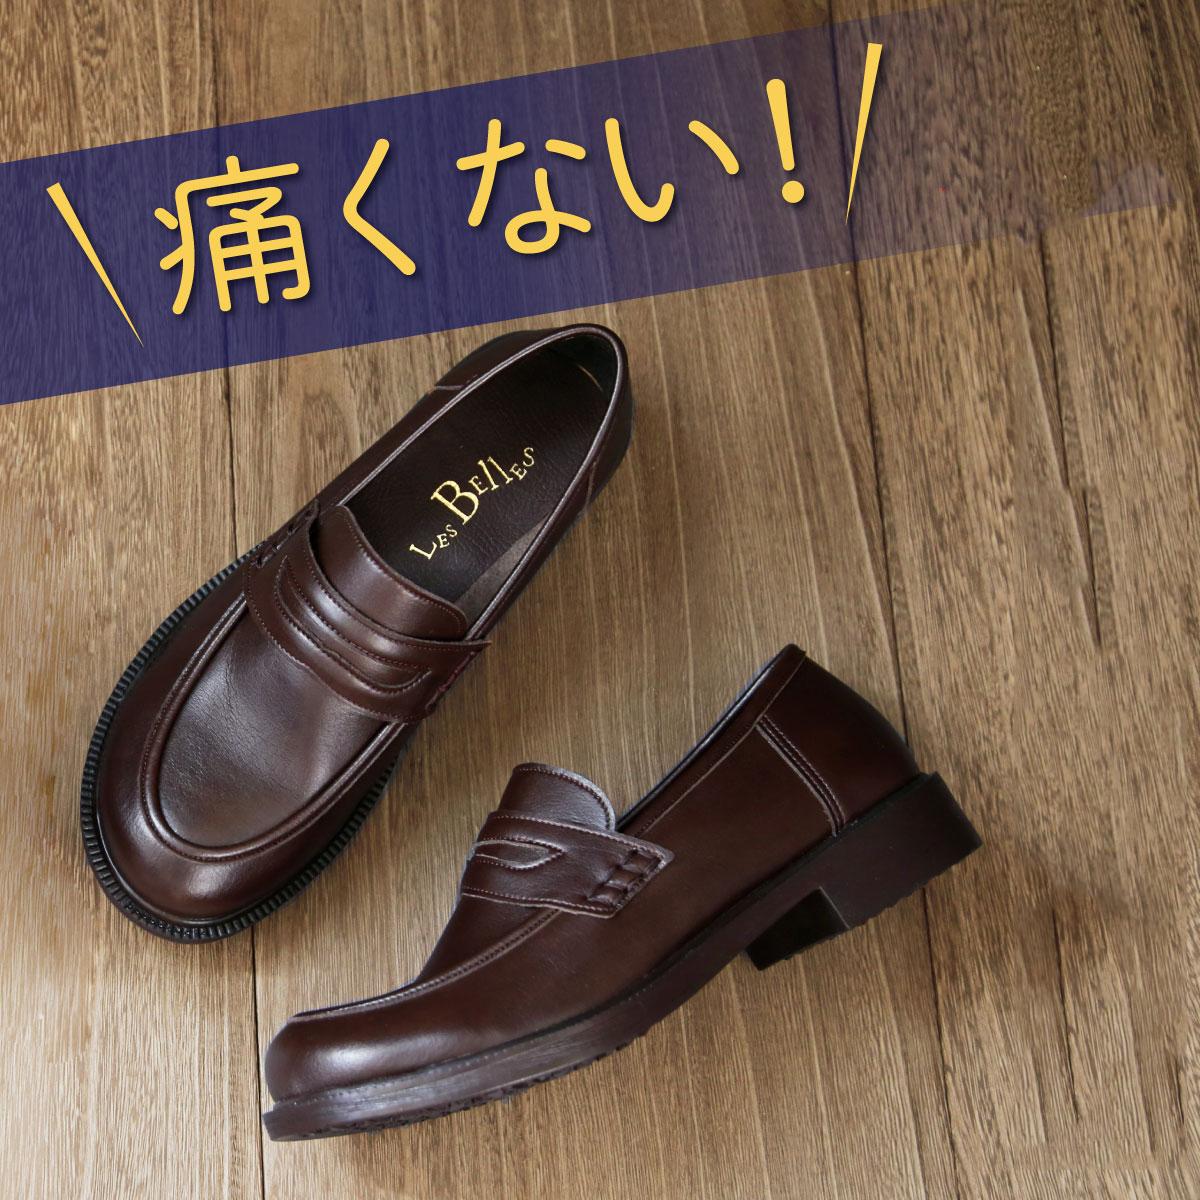 コインローファー メンズ 売り出し 通勤 学生靴 紳士靴 やわらかさ自慢 A6408 日本製 靴ずれから解放 職人技 安心と信頼